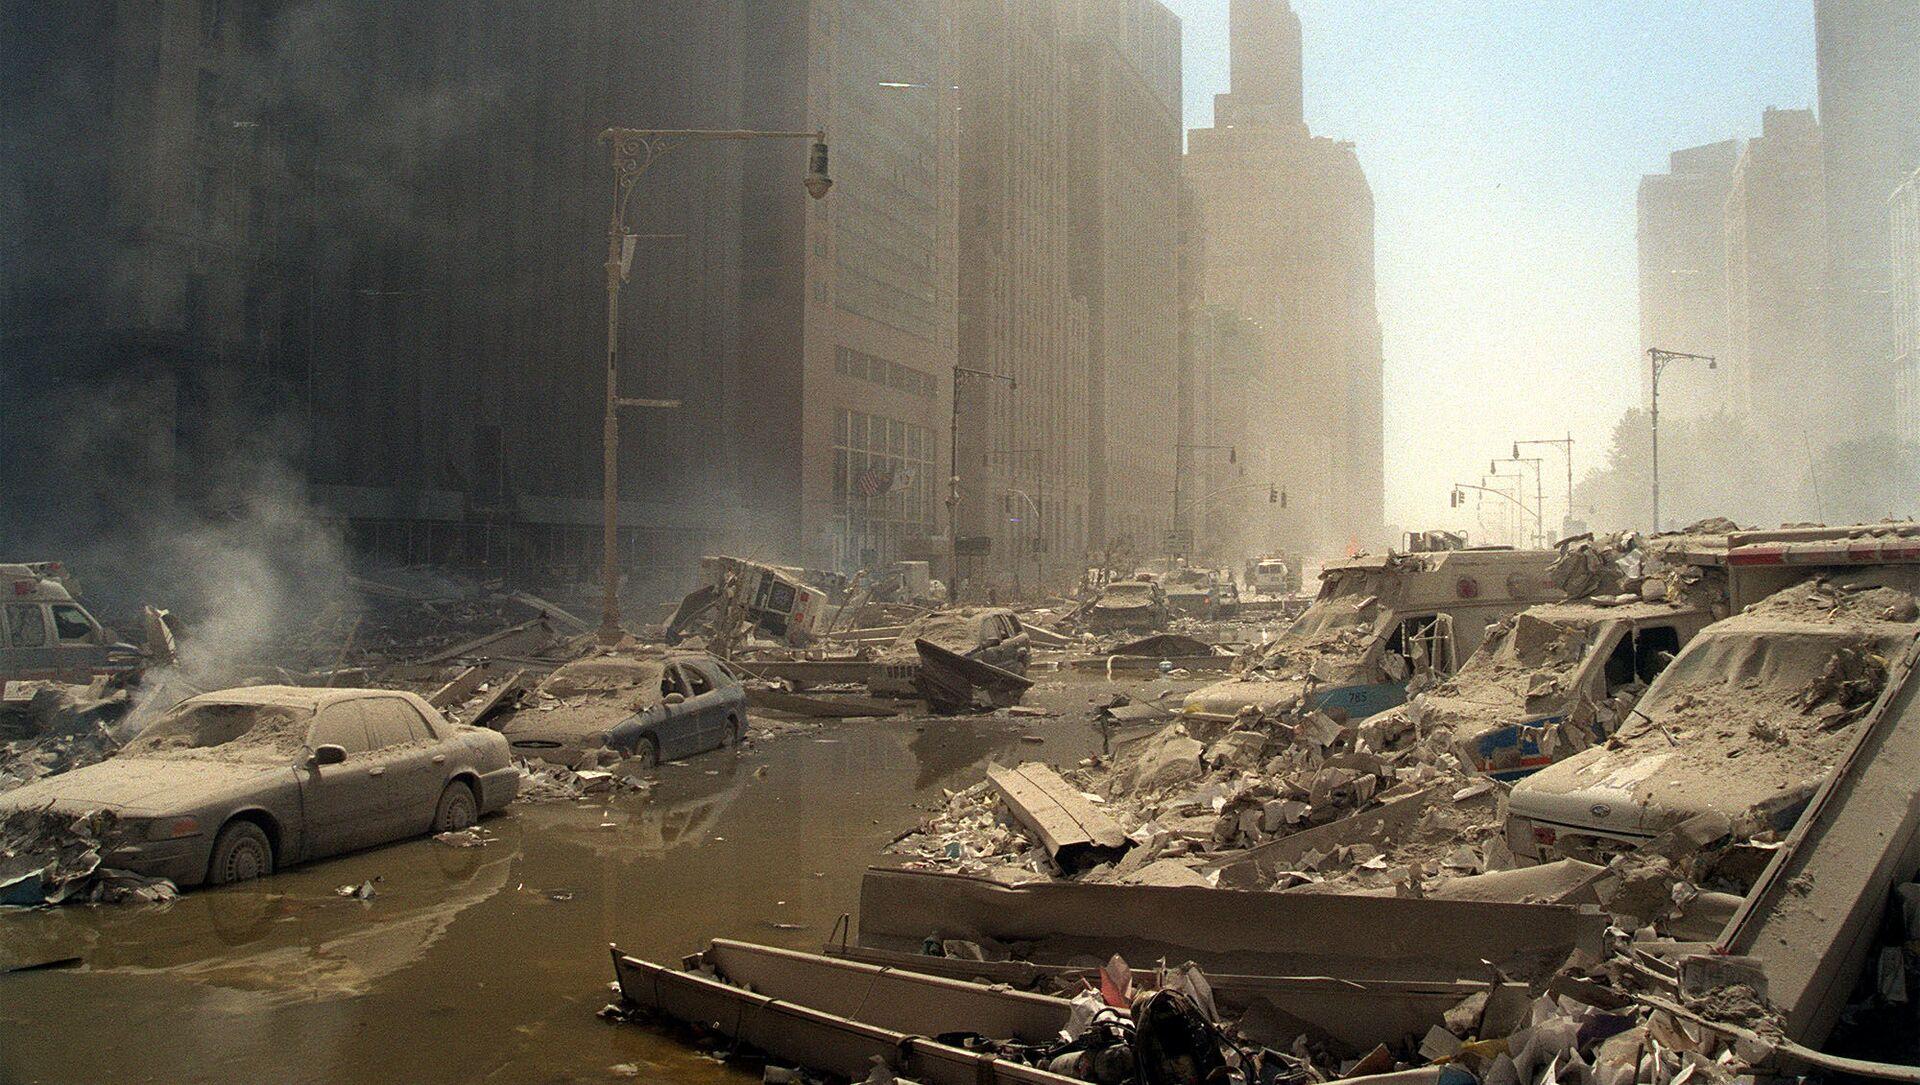 Les attentats du 11-Septembre (photo d'archives) - Sputnik France, 1920, 12.09.2021